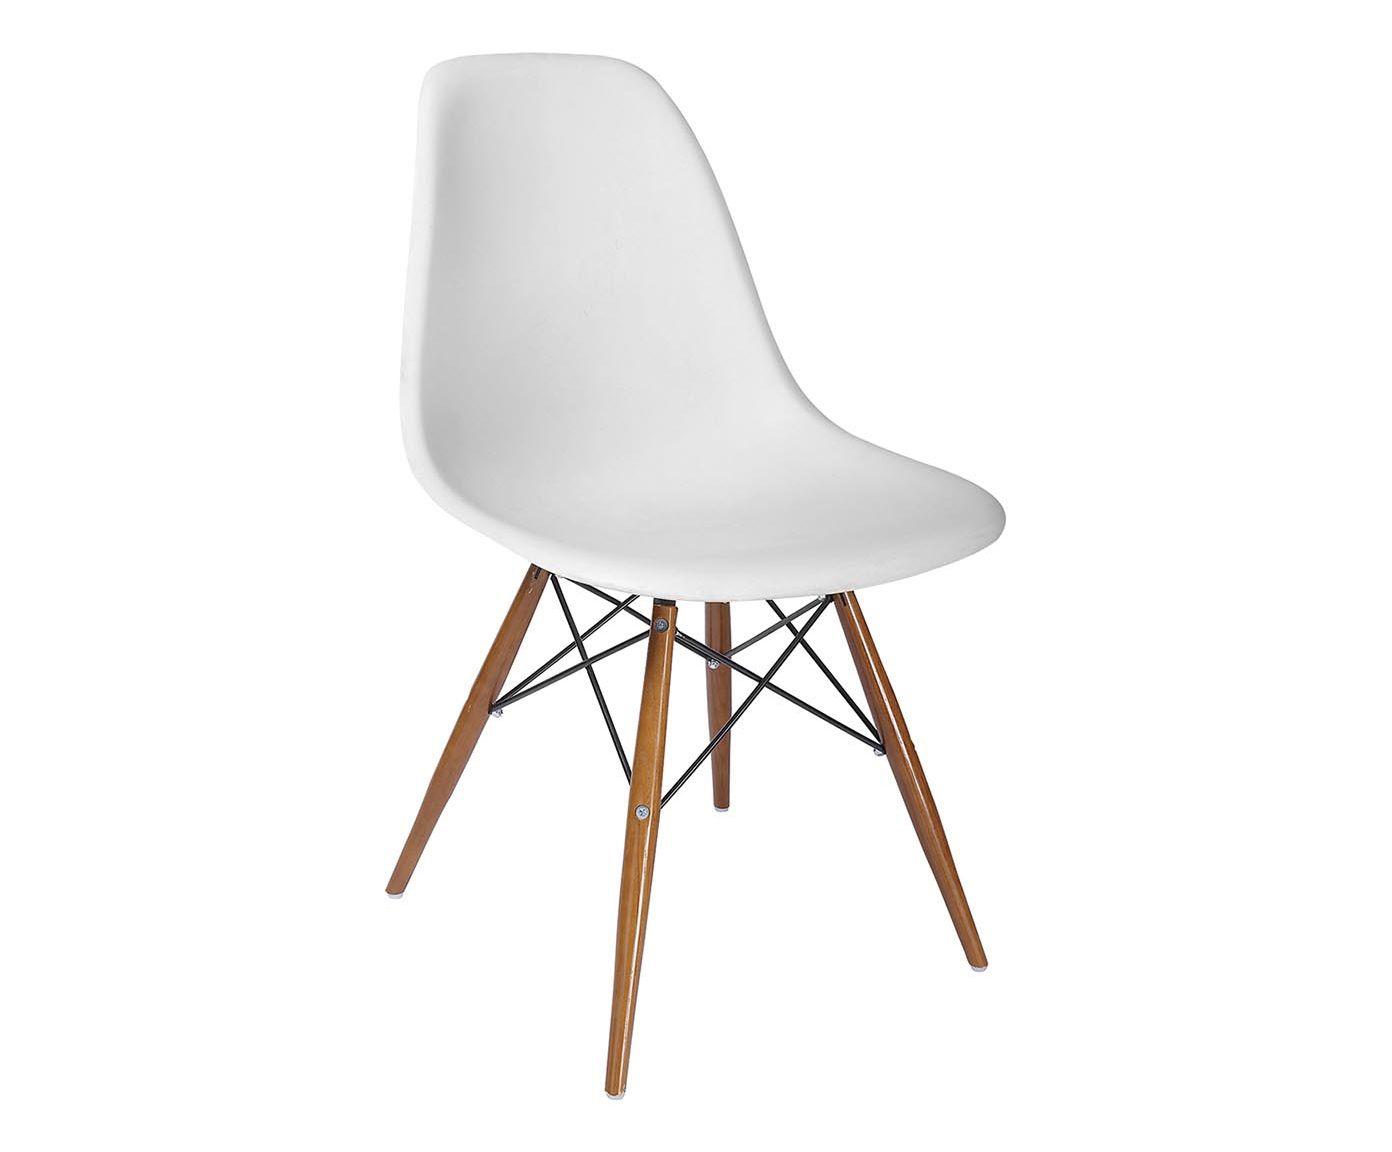 Cadeira paris wood branca - 51,3x82cm | Westwing.com.br